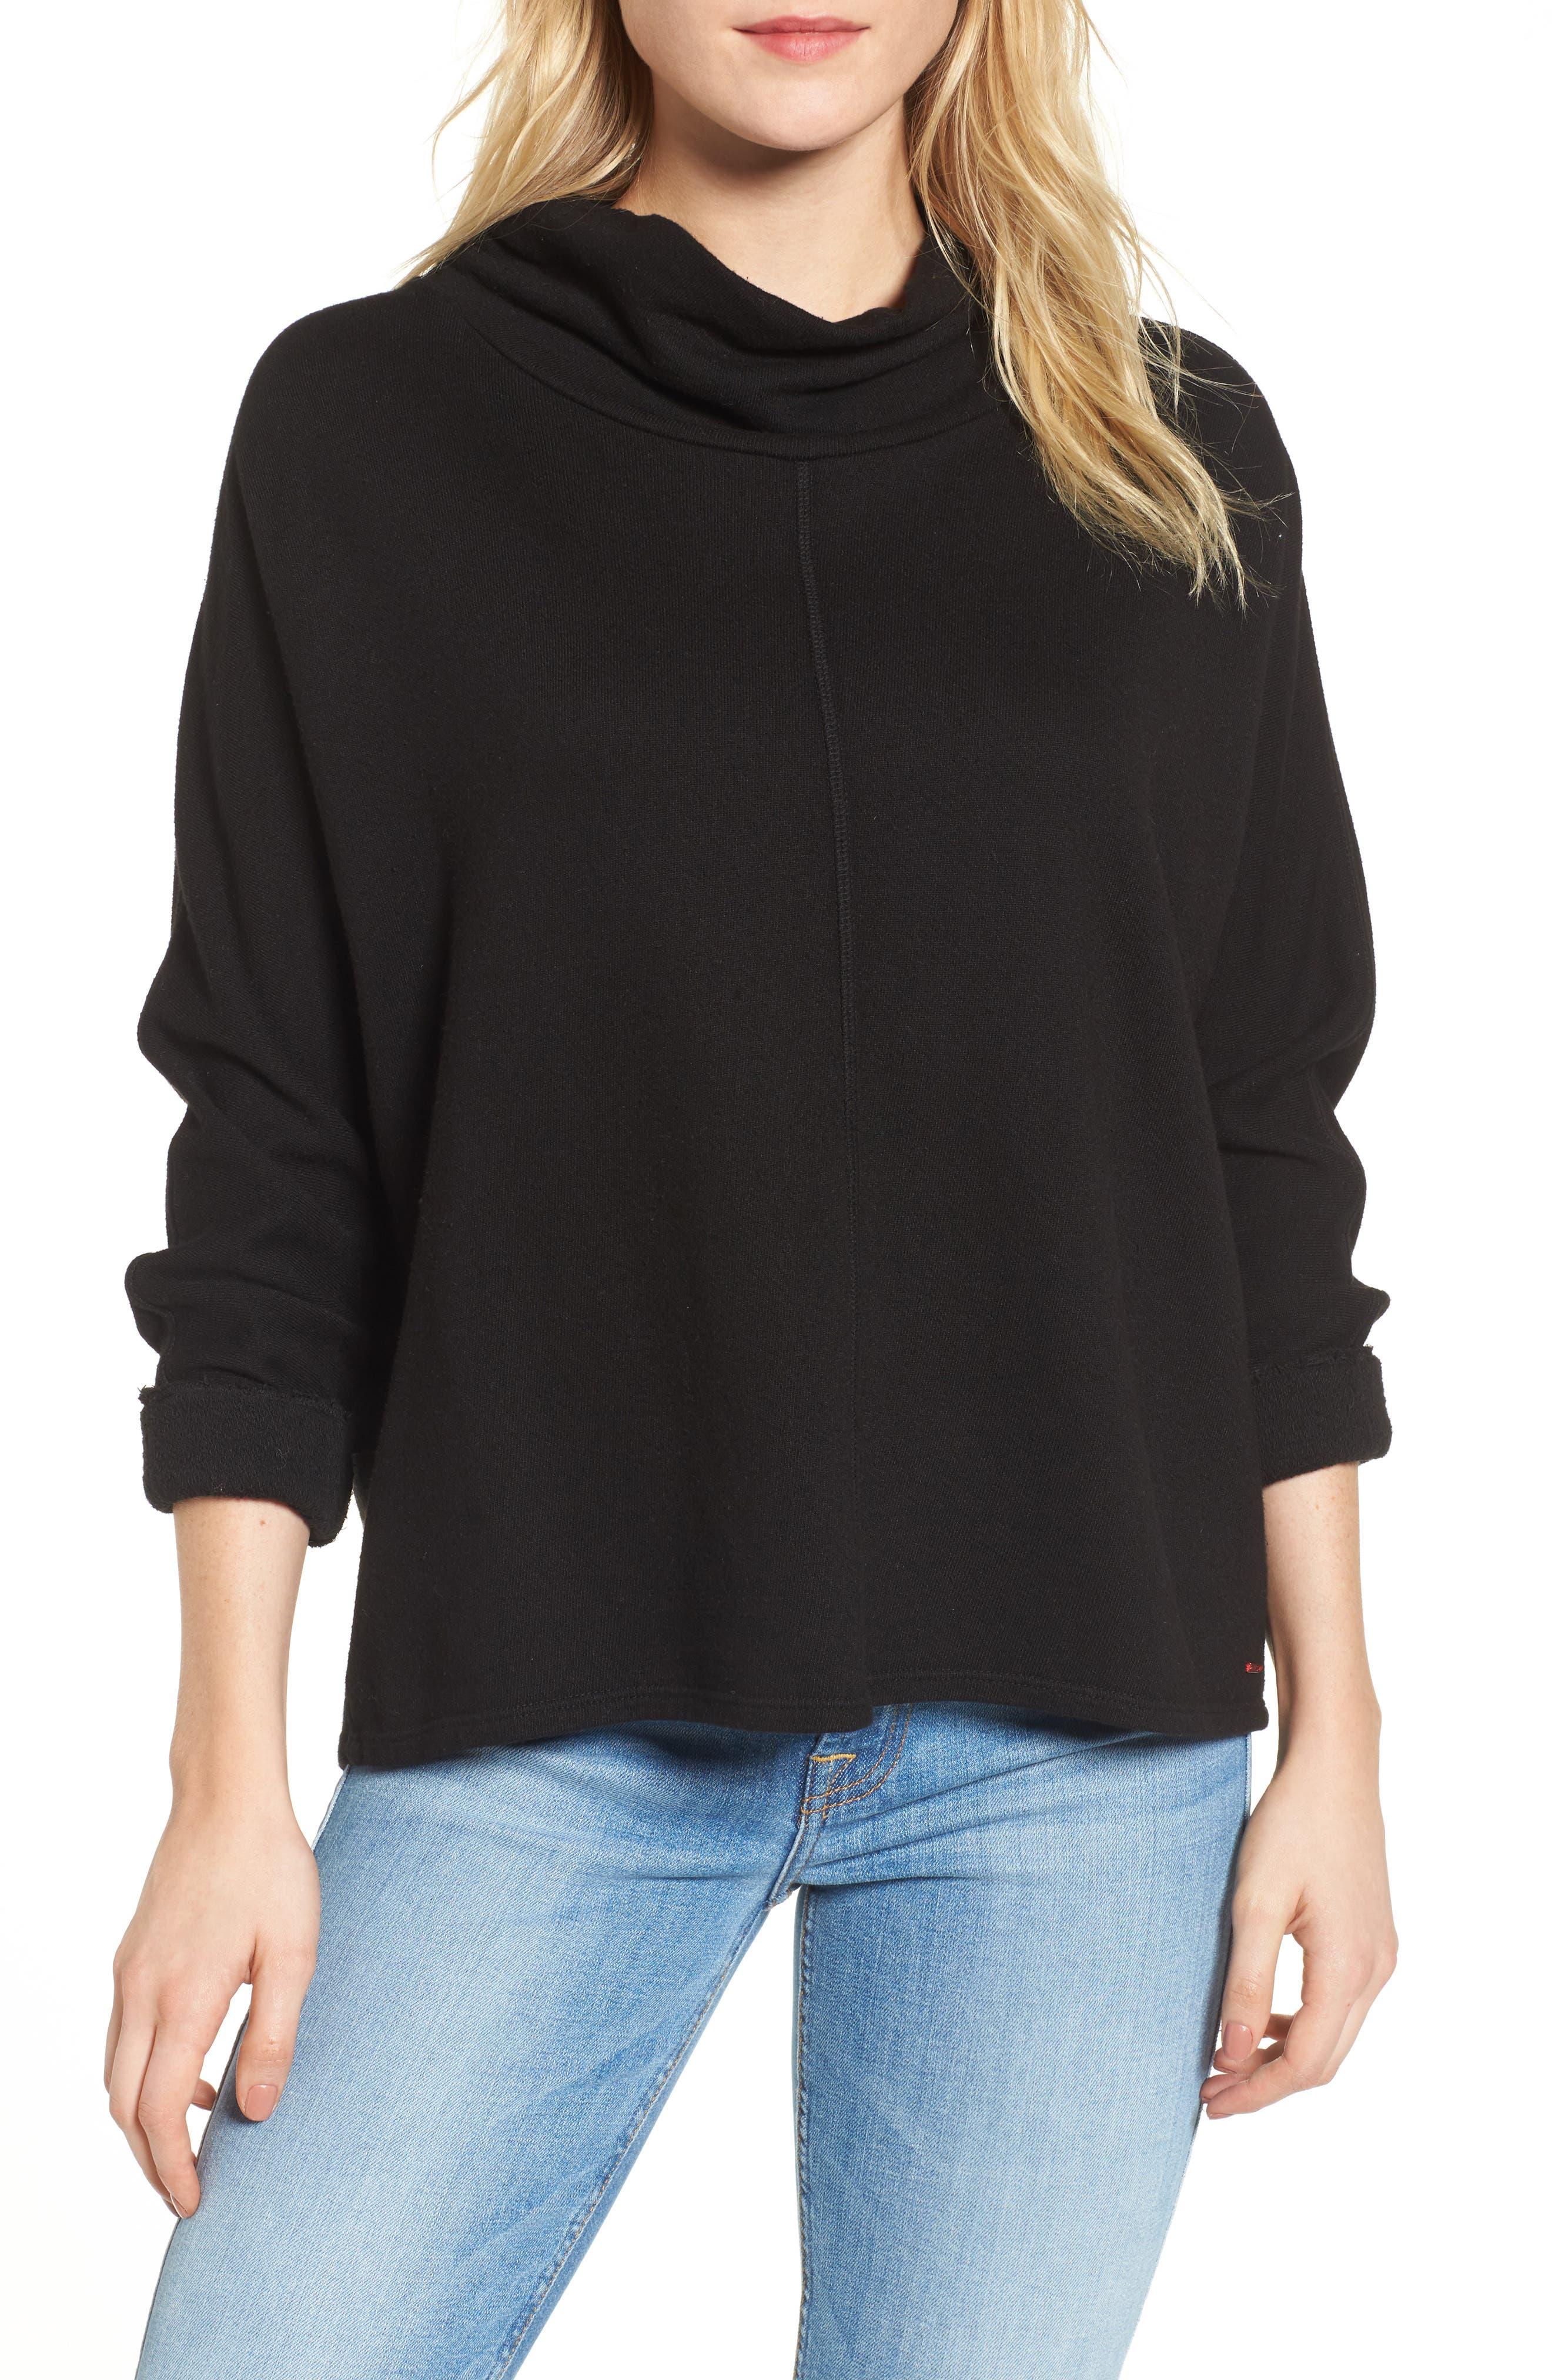 Helix Turtleneck Sweatshirt,                         Main,                         color, 001